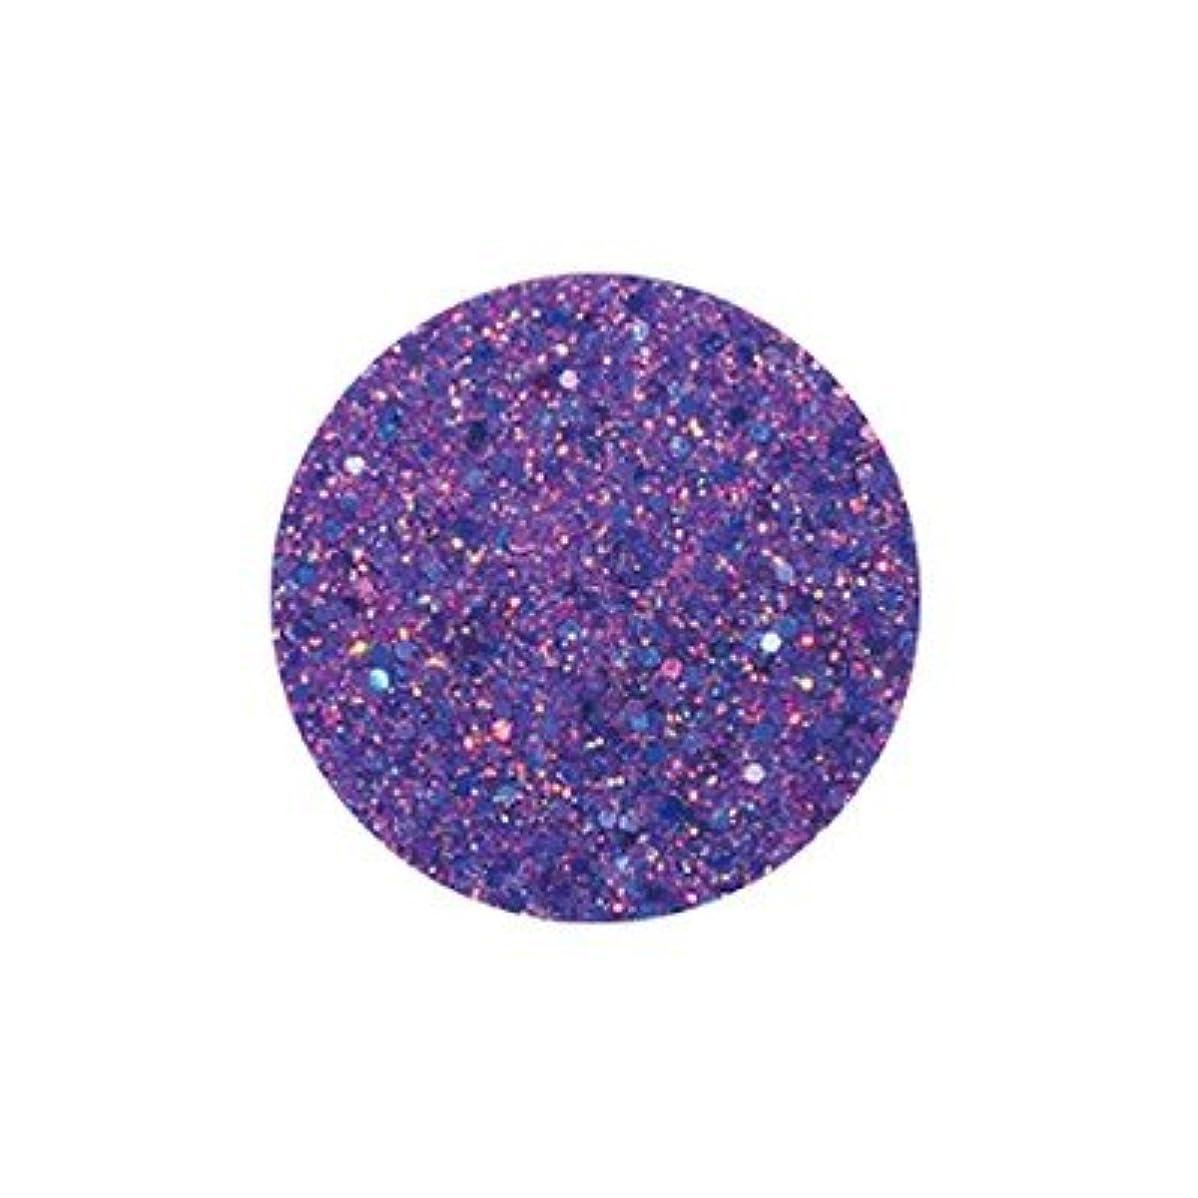 著名な財団デコードするFANTASY NAIL ダイヤモンドコレクション 3g 4261XS カラーパウダー アート材